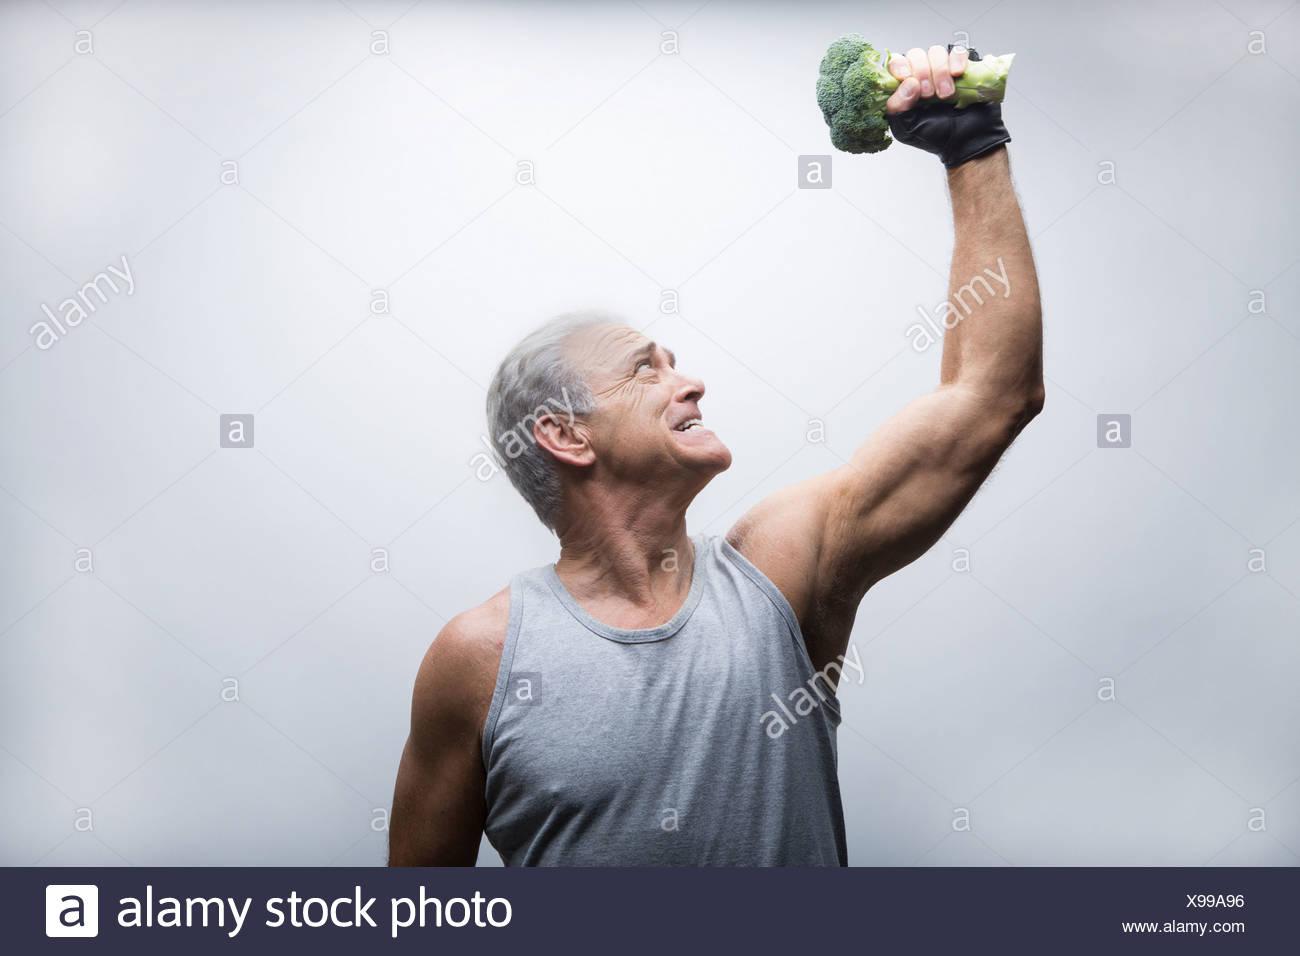 Senior uomo che guarda verso l'alto e sollevamento broccoli Immagini Stock